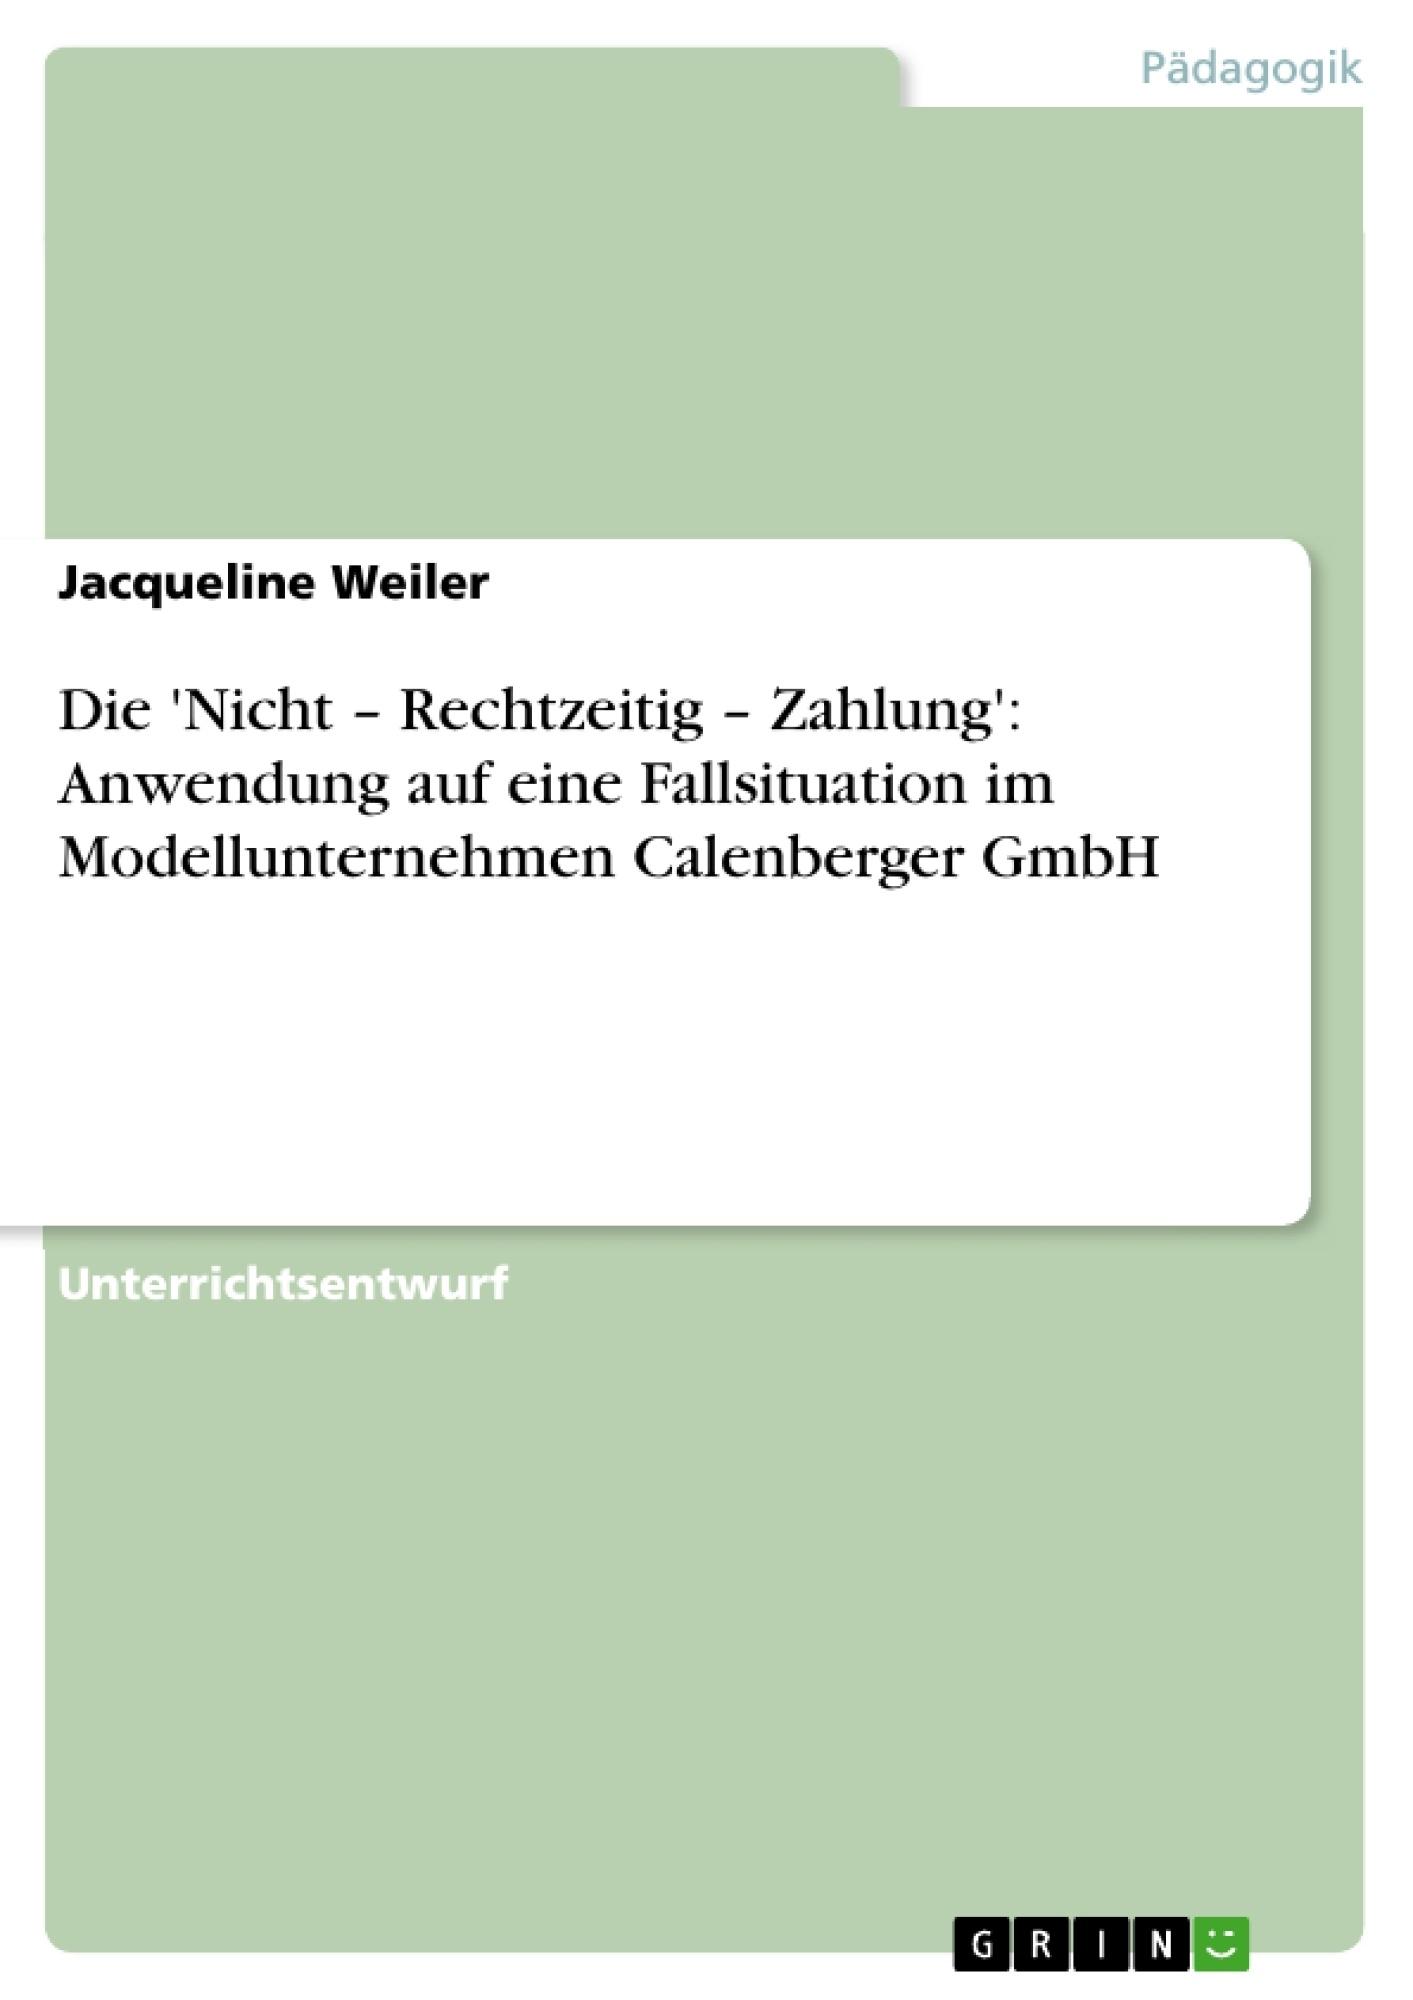 Titel: Die 'Nicht – Rechtzeitig – Zahlung':  Anwendung auf eine Fallsituation im Modellunternehmen Calenberger GmbH